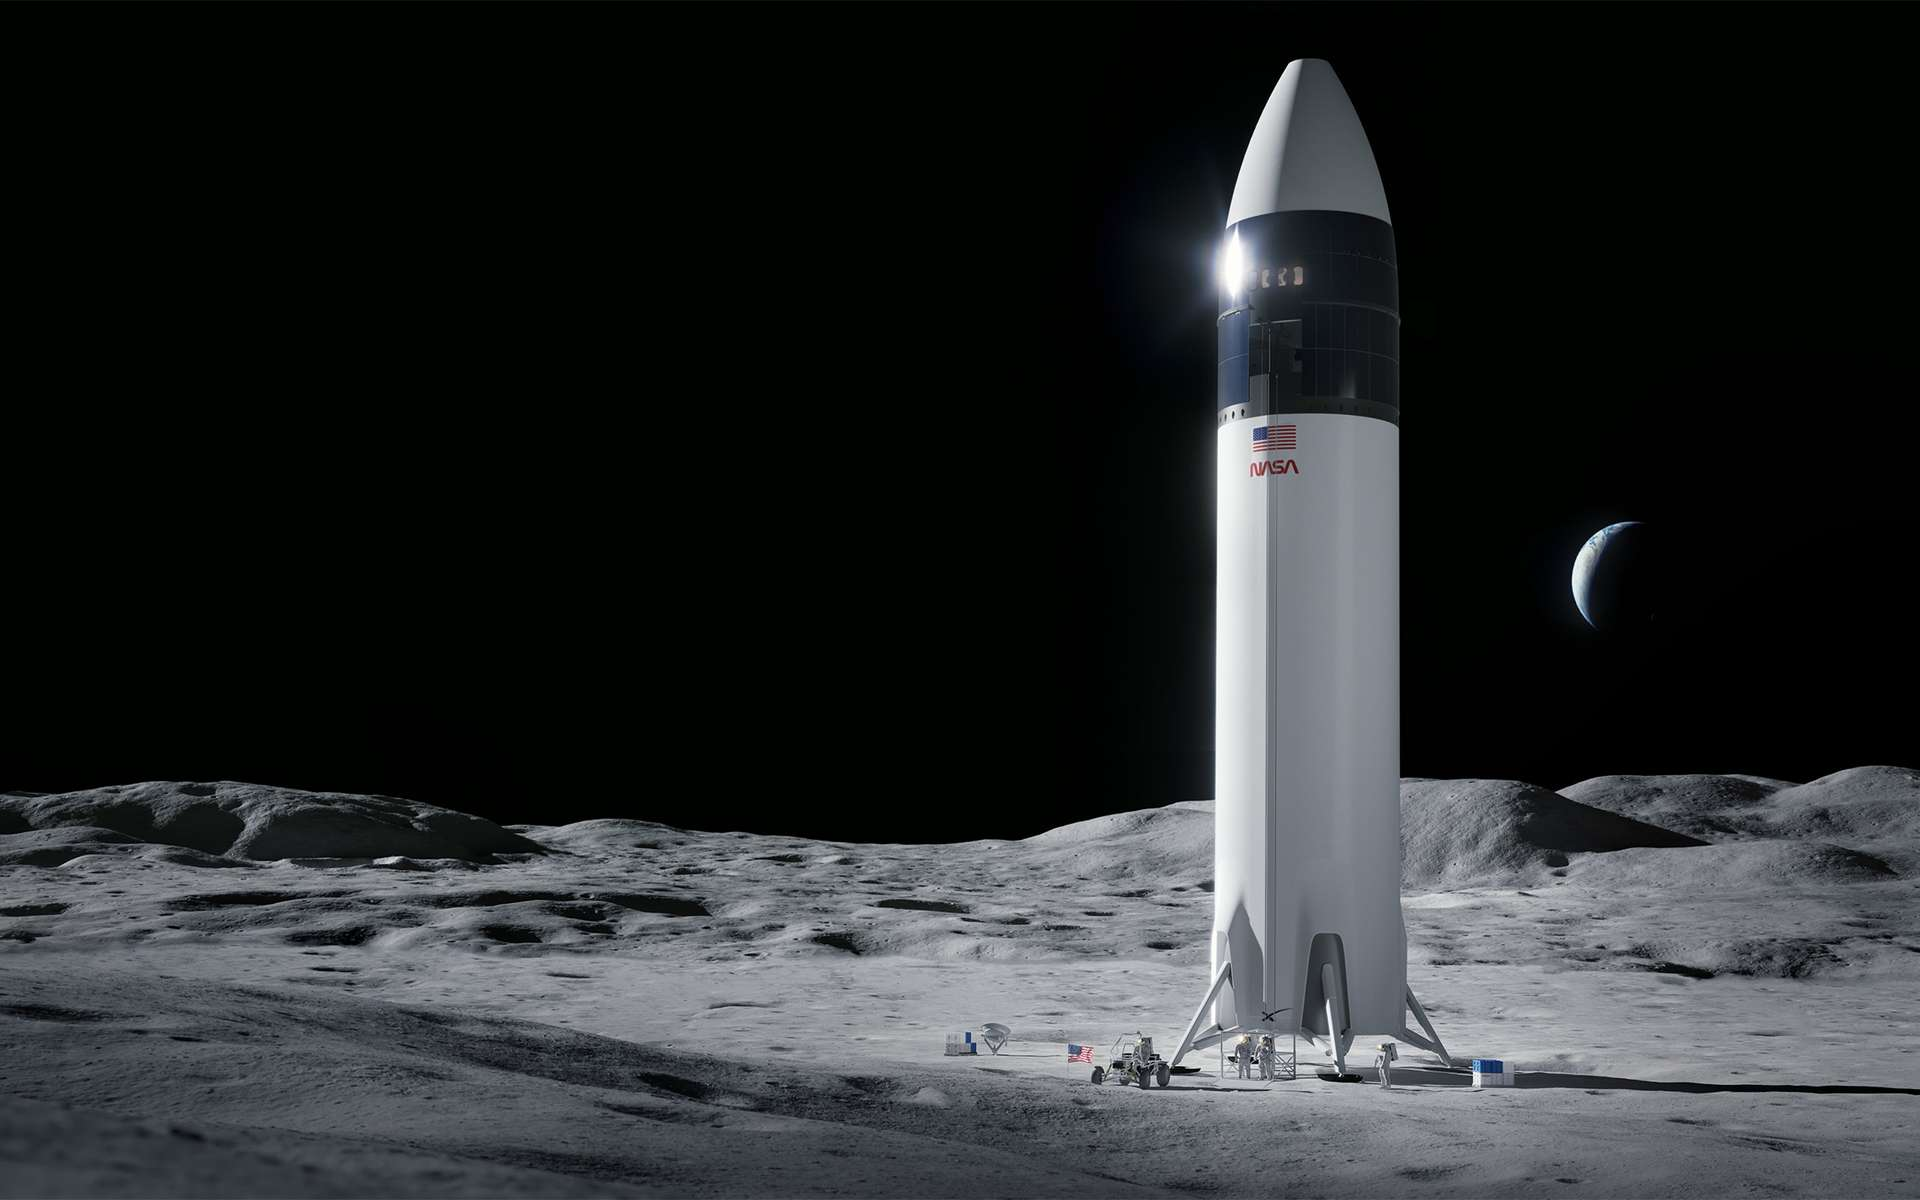 La version lunaire du Starship de SpaceX sera utilisée pour transporter sur la Lune les astronautes des missions Artemis de la Nasa. © SpaceX